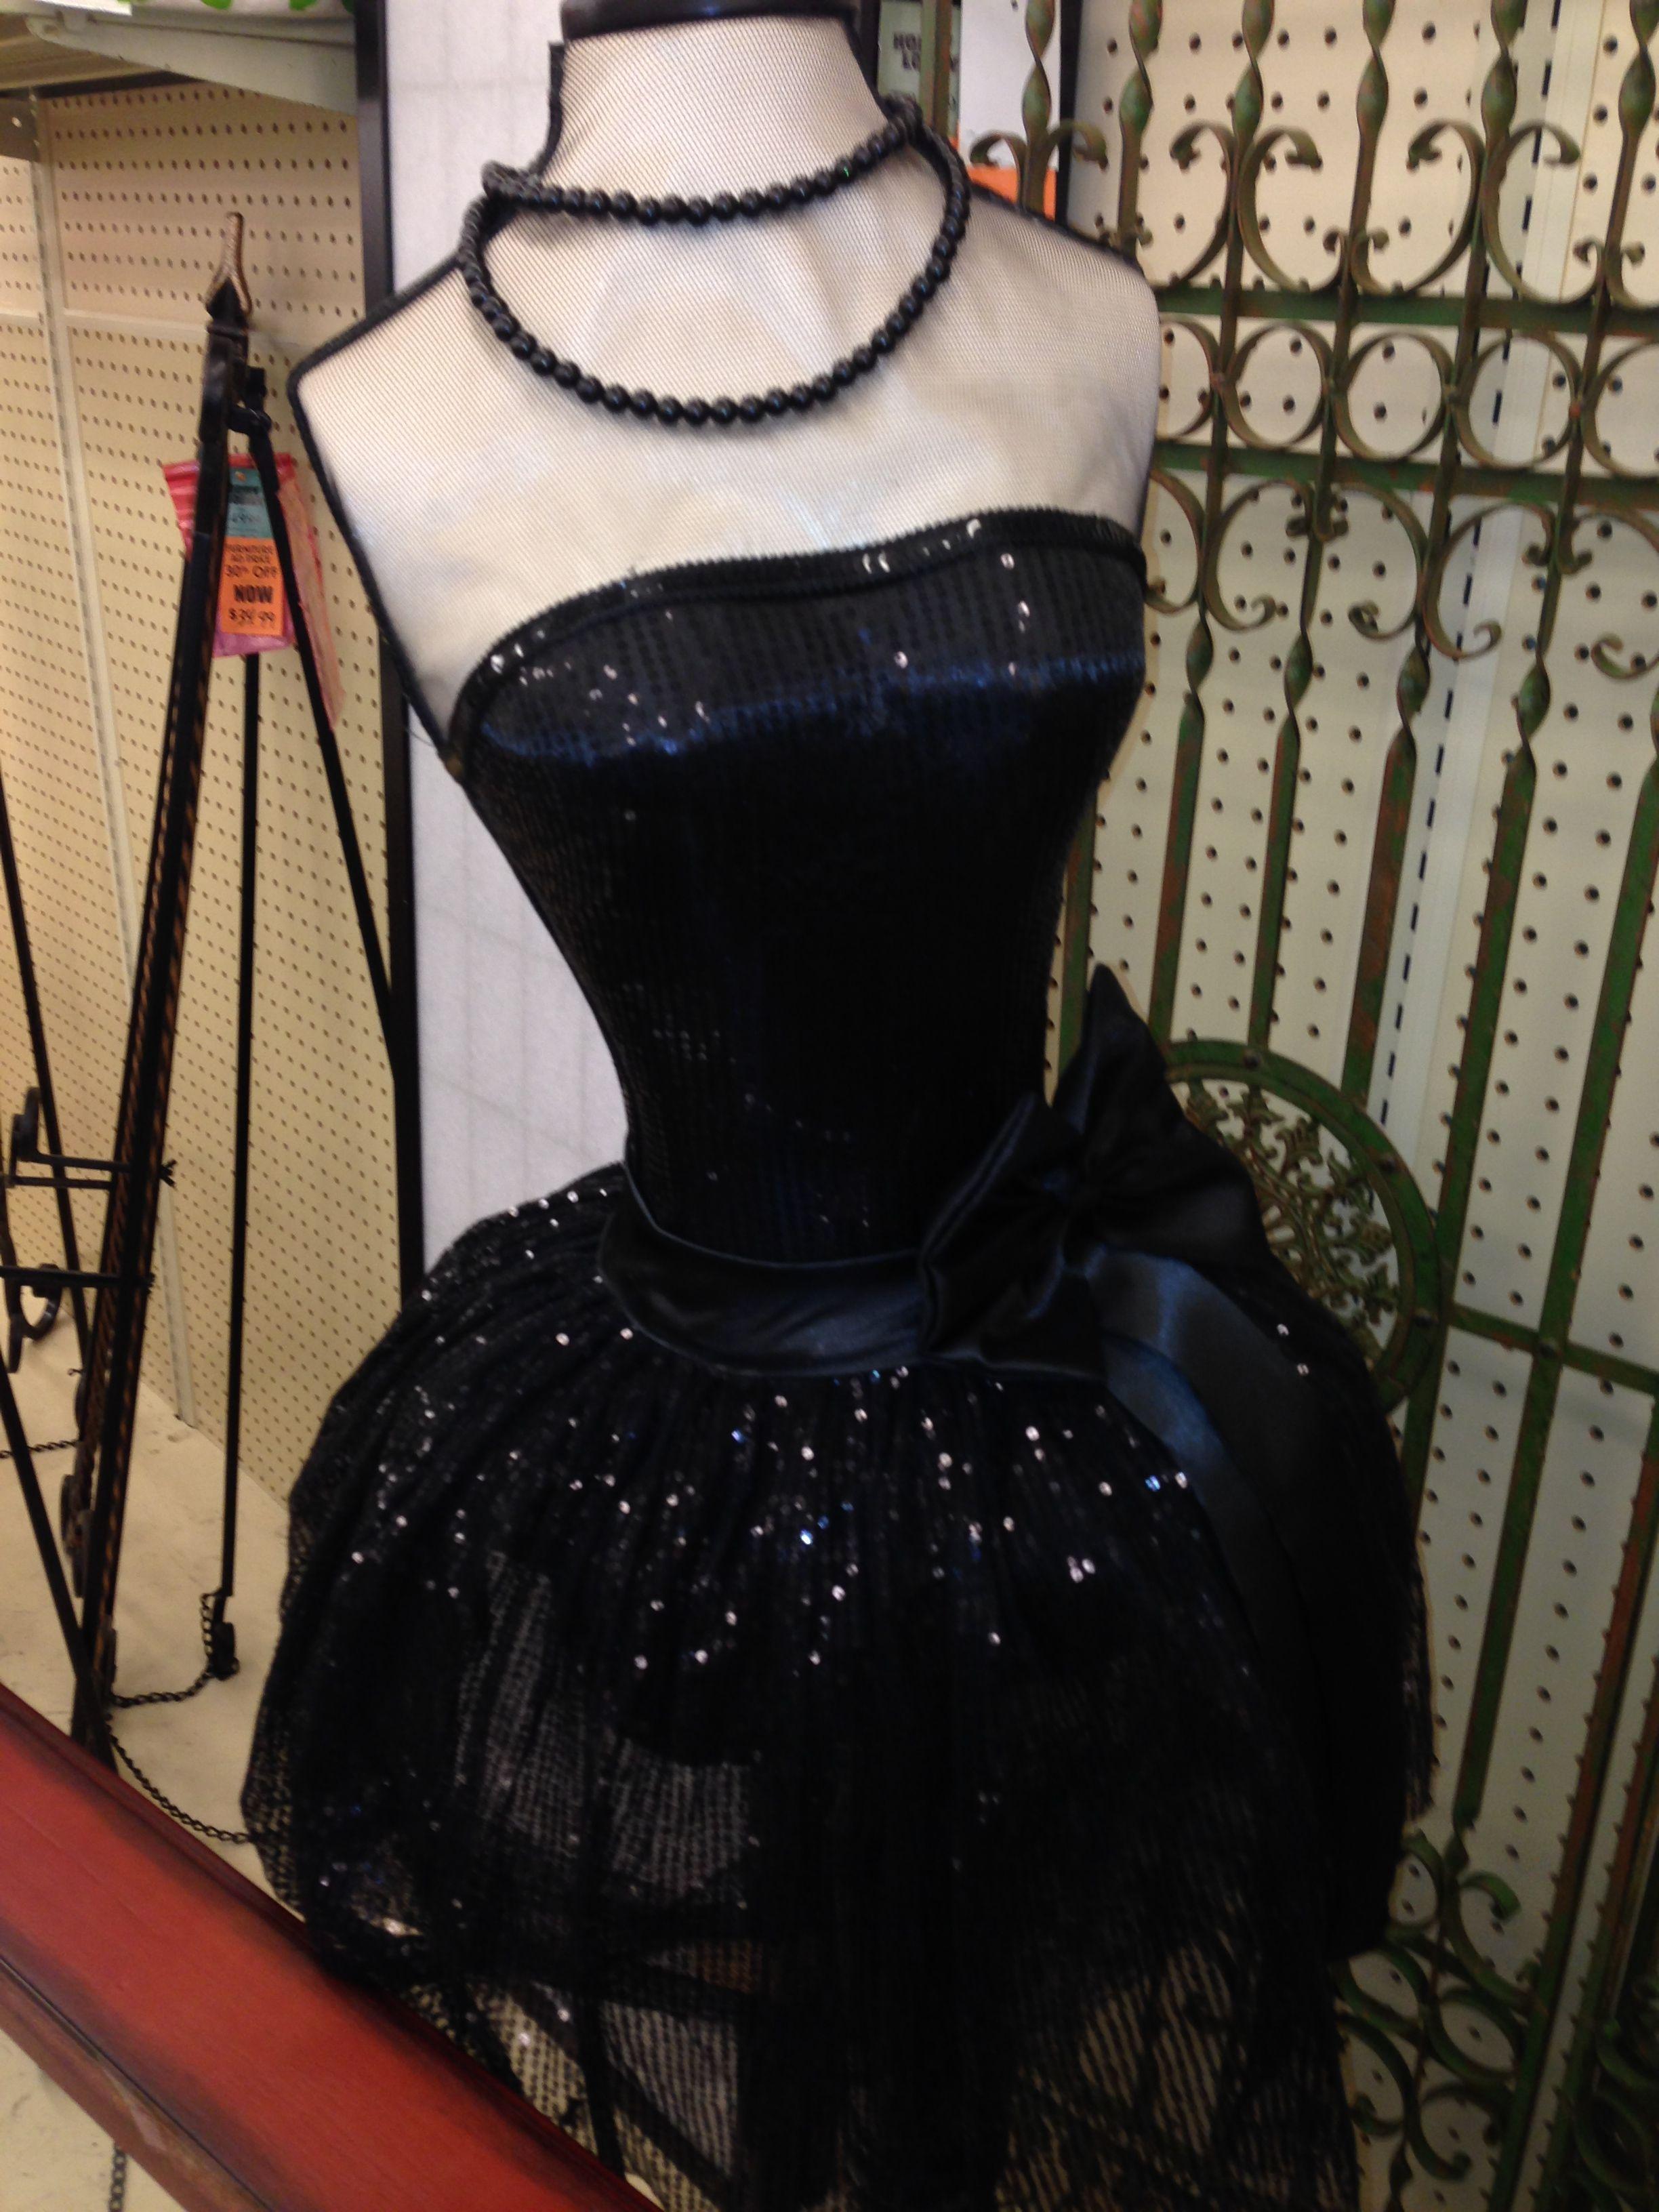 Small Mannequin Hobby Lobby Dresses